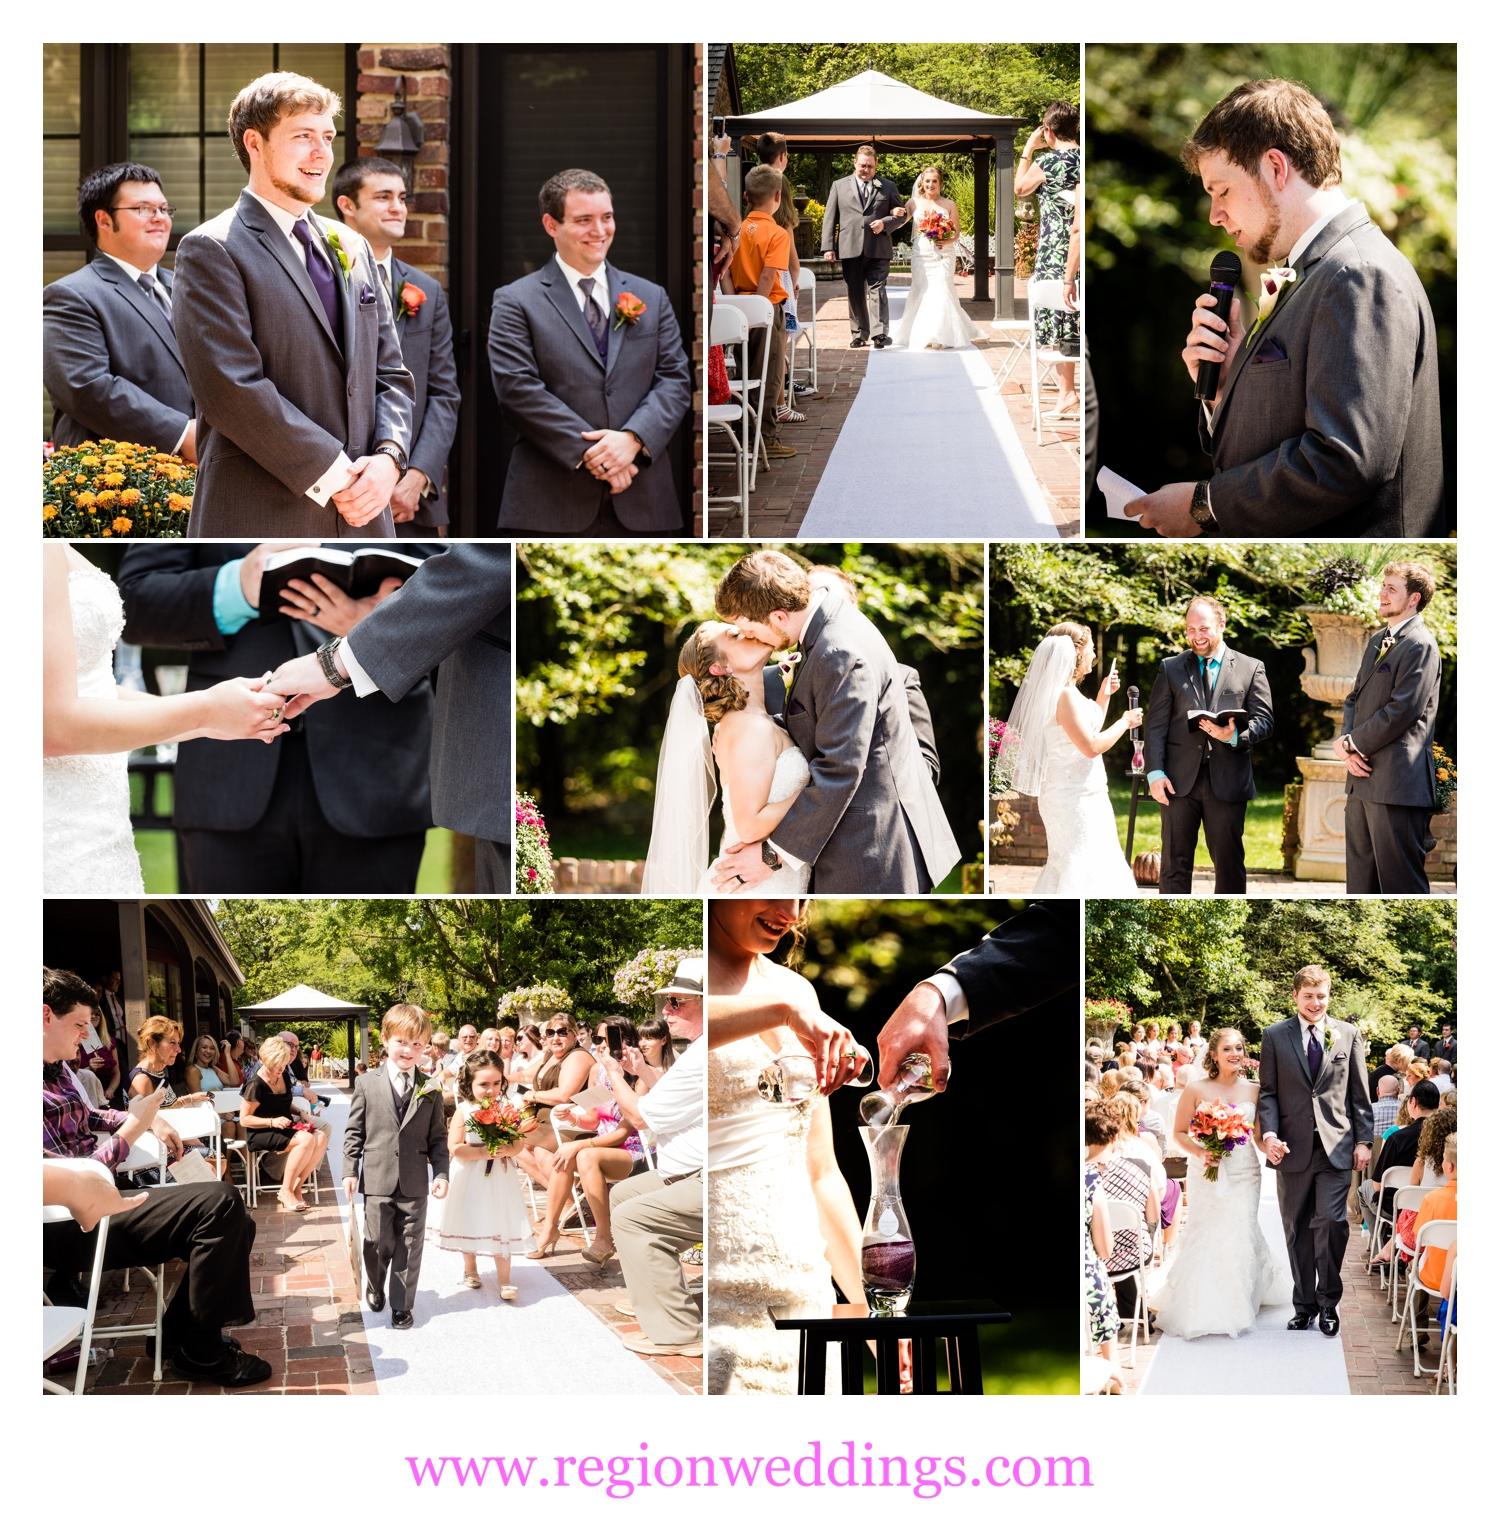 Outdoor wedding ceremony in Cedar Lake, Indiana.